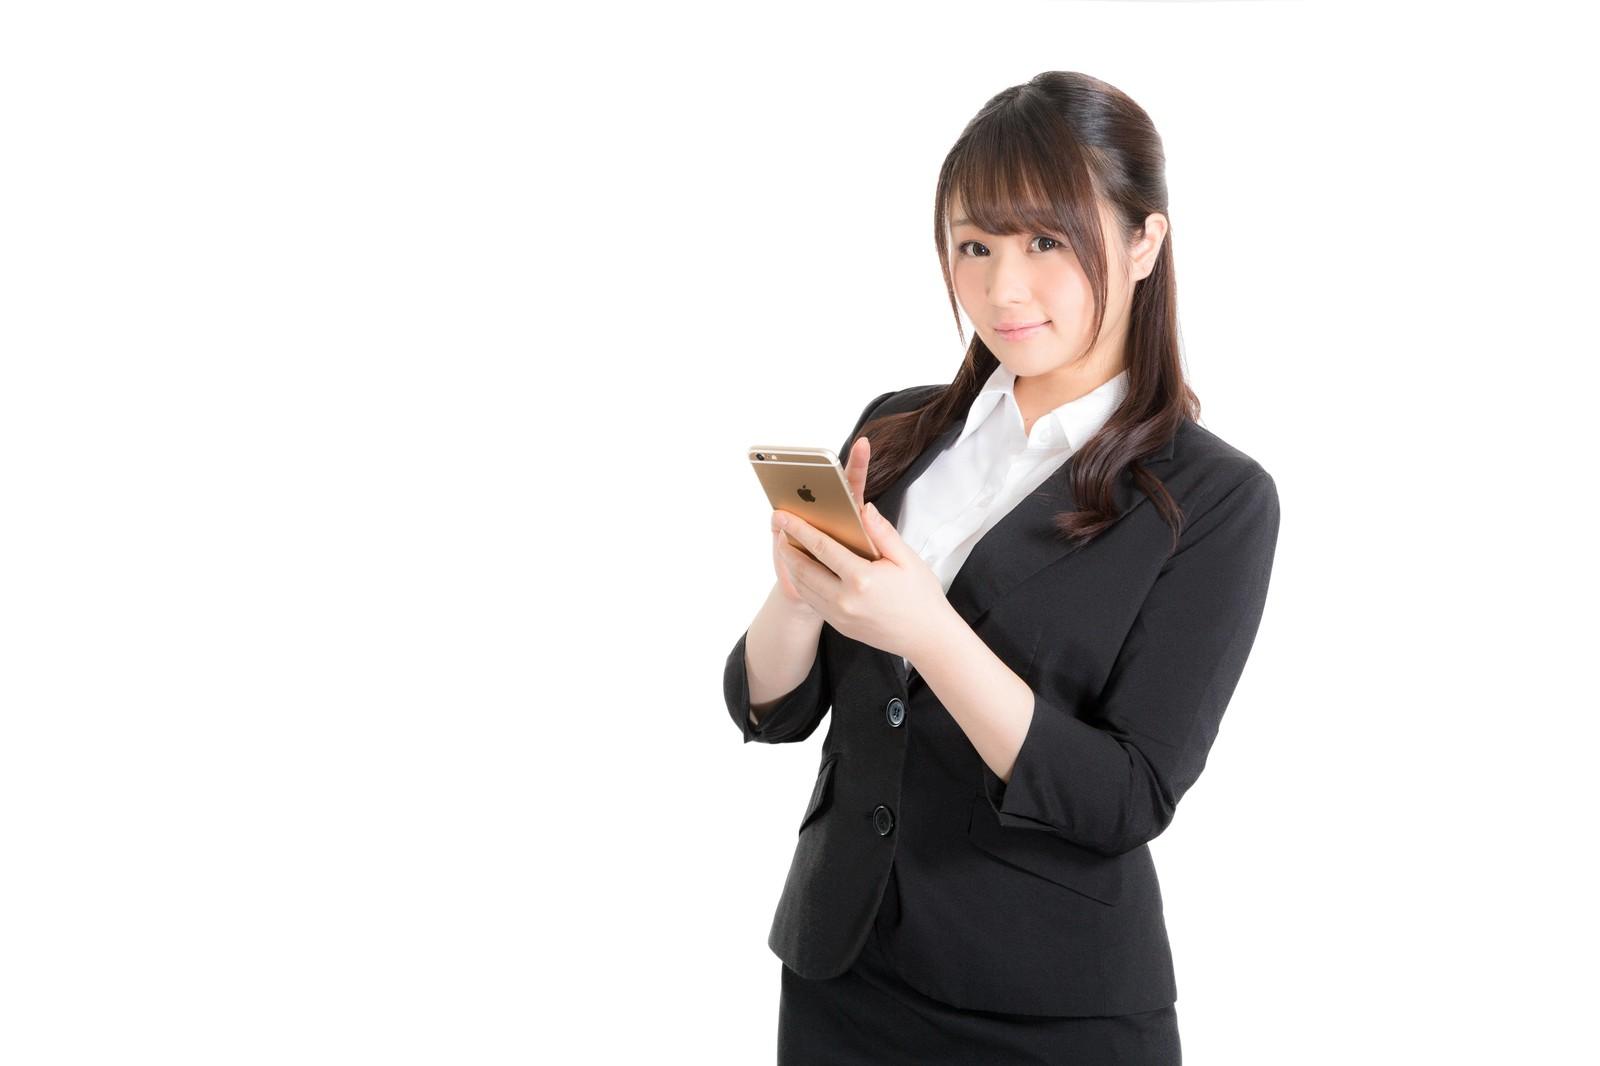 ◯◯をしている女性起業家にとって仕事は暇つぶしの道楽?